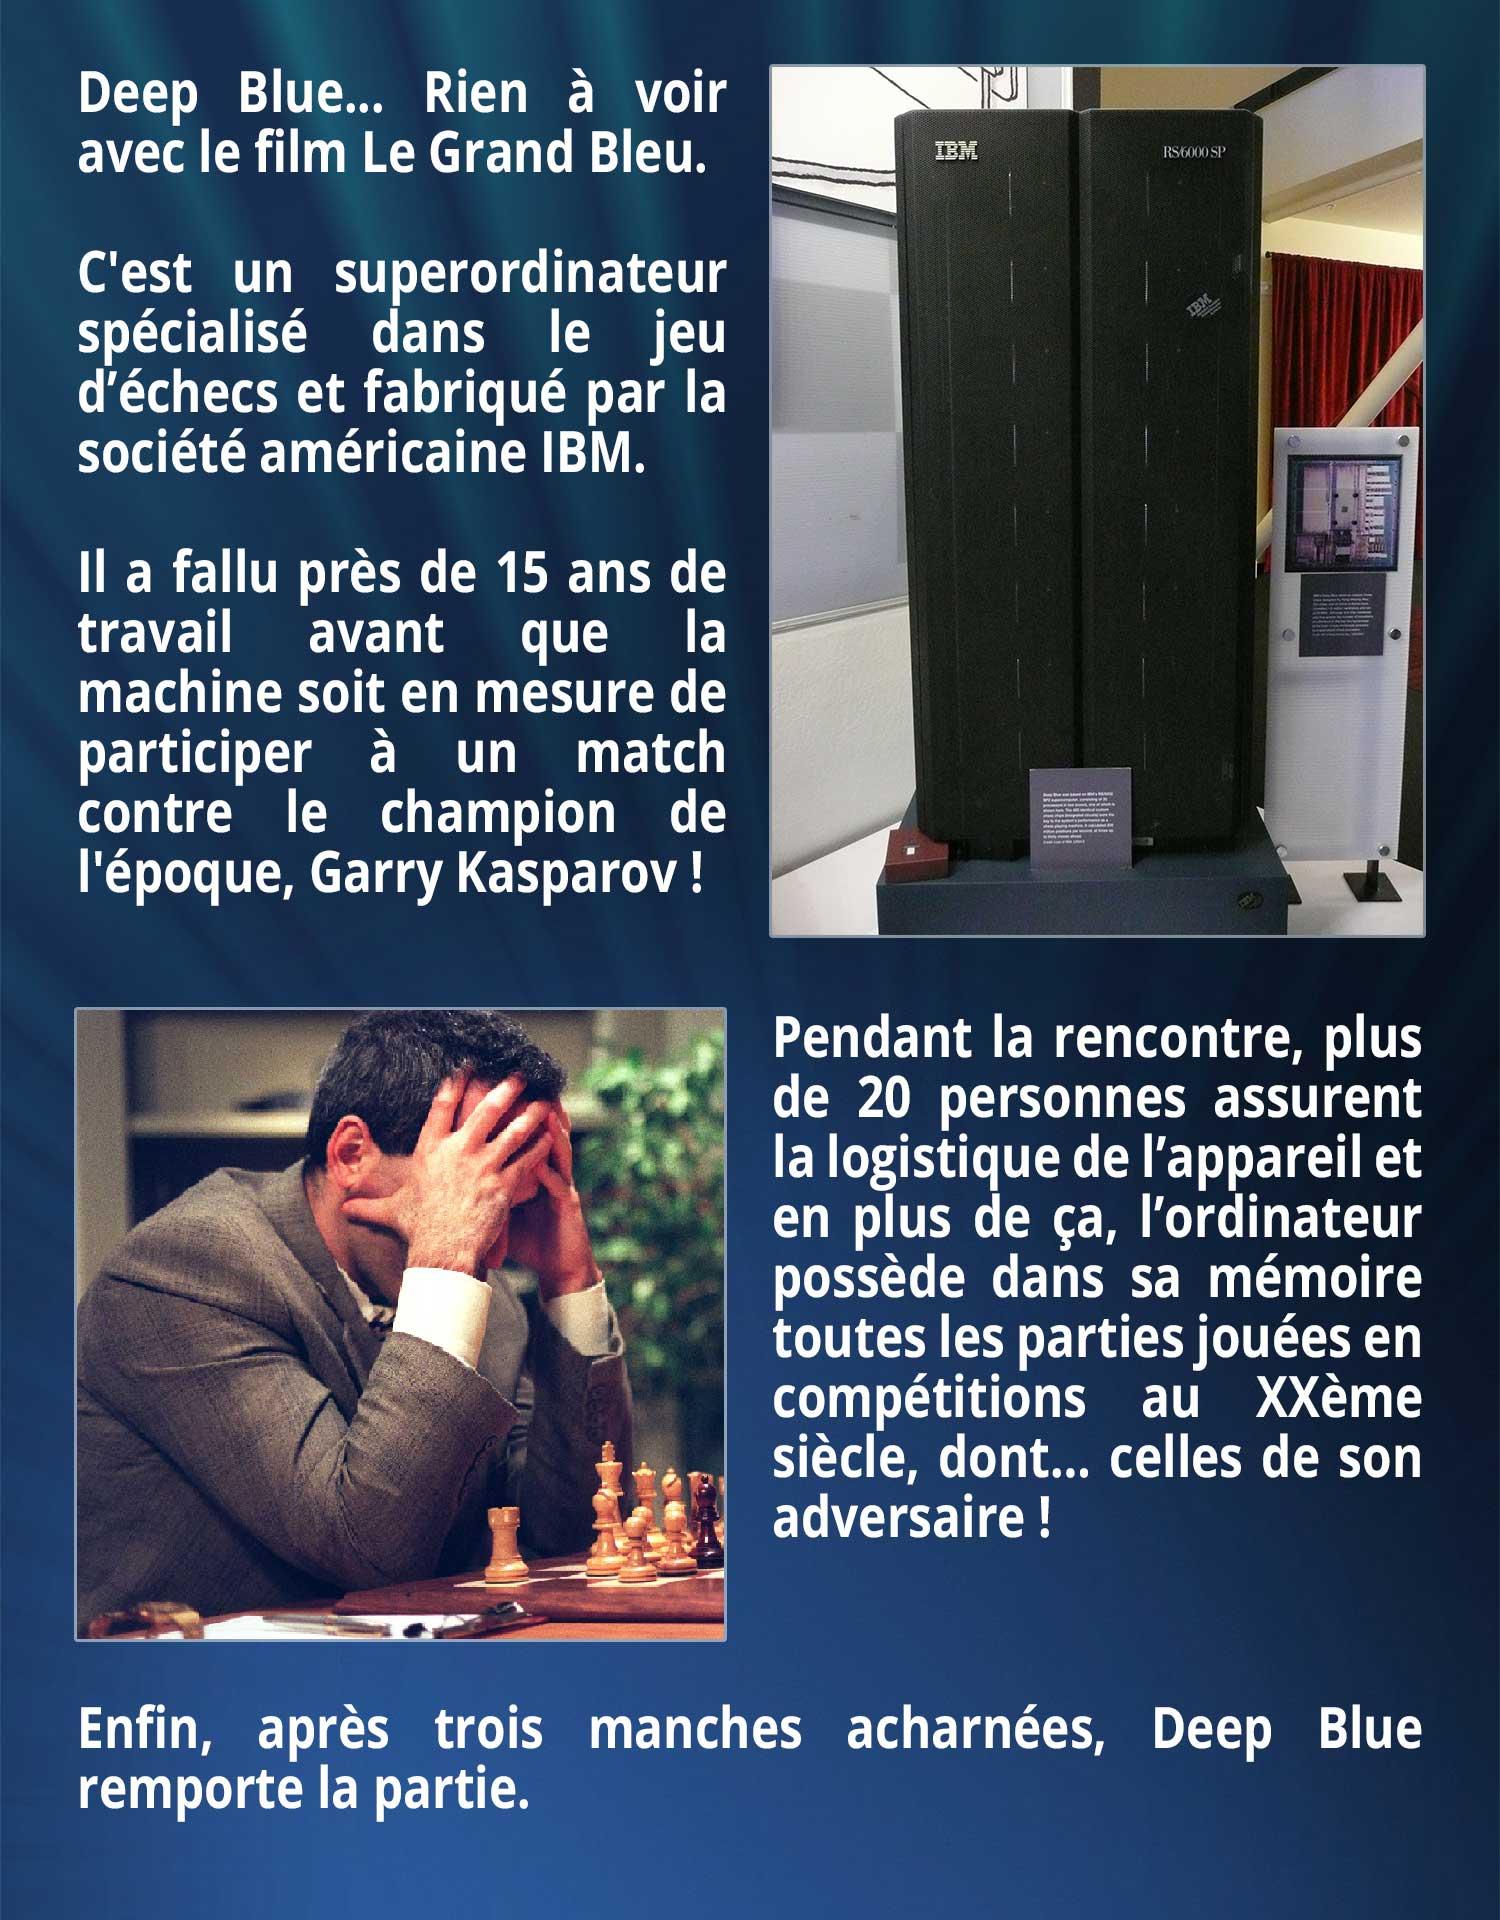 Deep Blue... Rien à voir avec le film Le Grand Bleu. C'est un superordinateur spécialisé dans le jeu d'échecs et fabriqué par la société américaine IBM. Il a fallu près de 15 ans de travail avant que la machine soit en mesure de participer à un match contre le champion de l'époque, Garry Kasparov ! Pendant la rencontre, plus de 20 personnes assurent la logistique de l'appareil et en plus de ça, l'ordinateur possède dans sa mémoire toutes les parties jouées en compétitions au XXème siècle, dont… celles de son adversaire ! Enfin, après trois manches acharnées, Deep Blue remporte la partie.